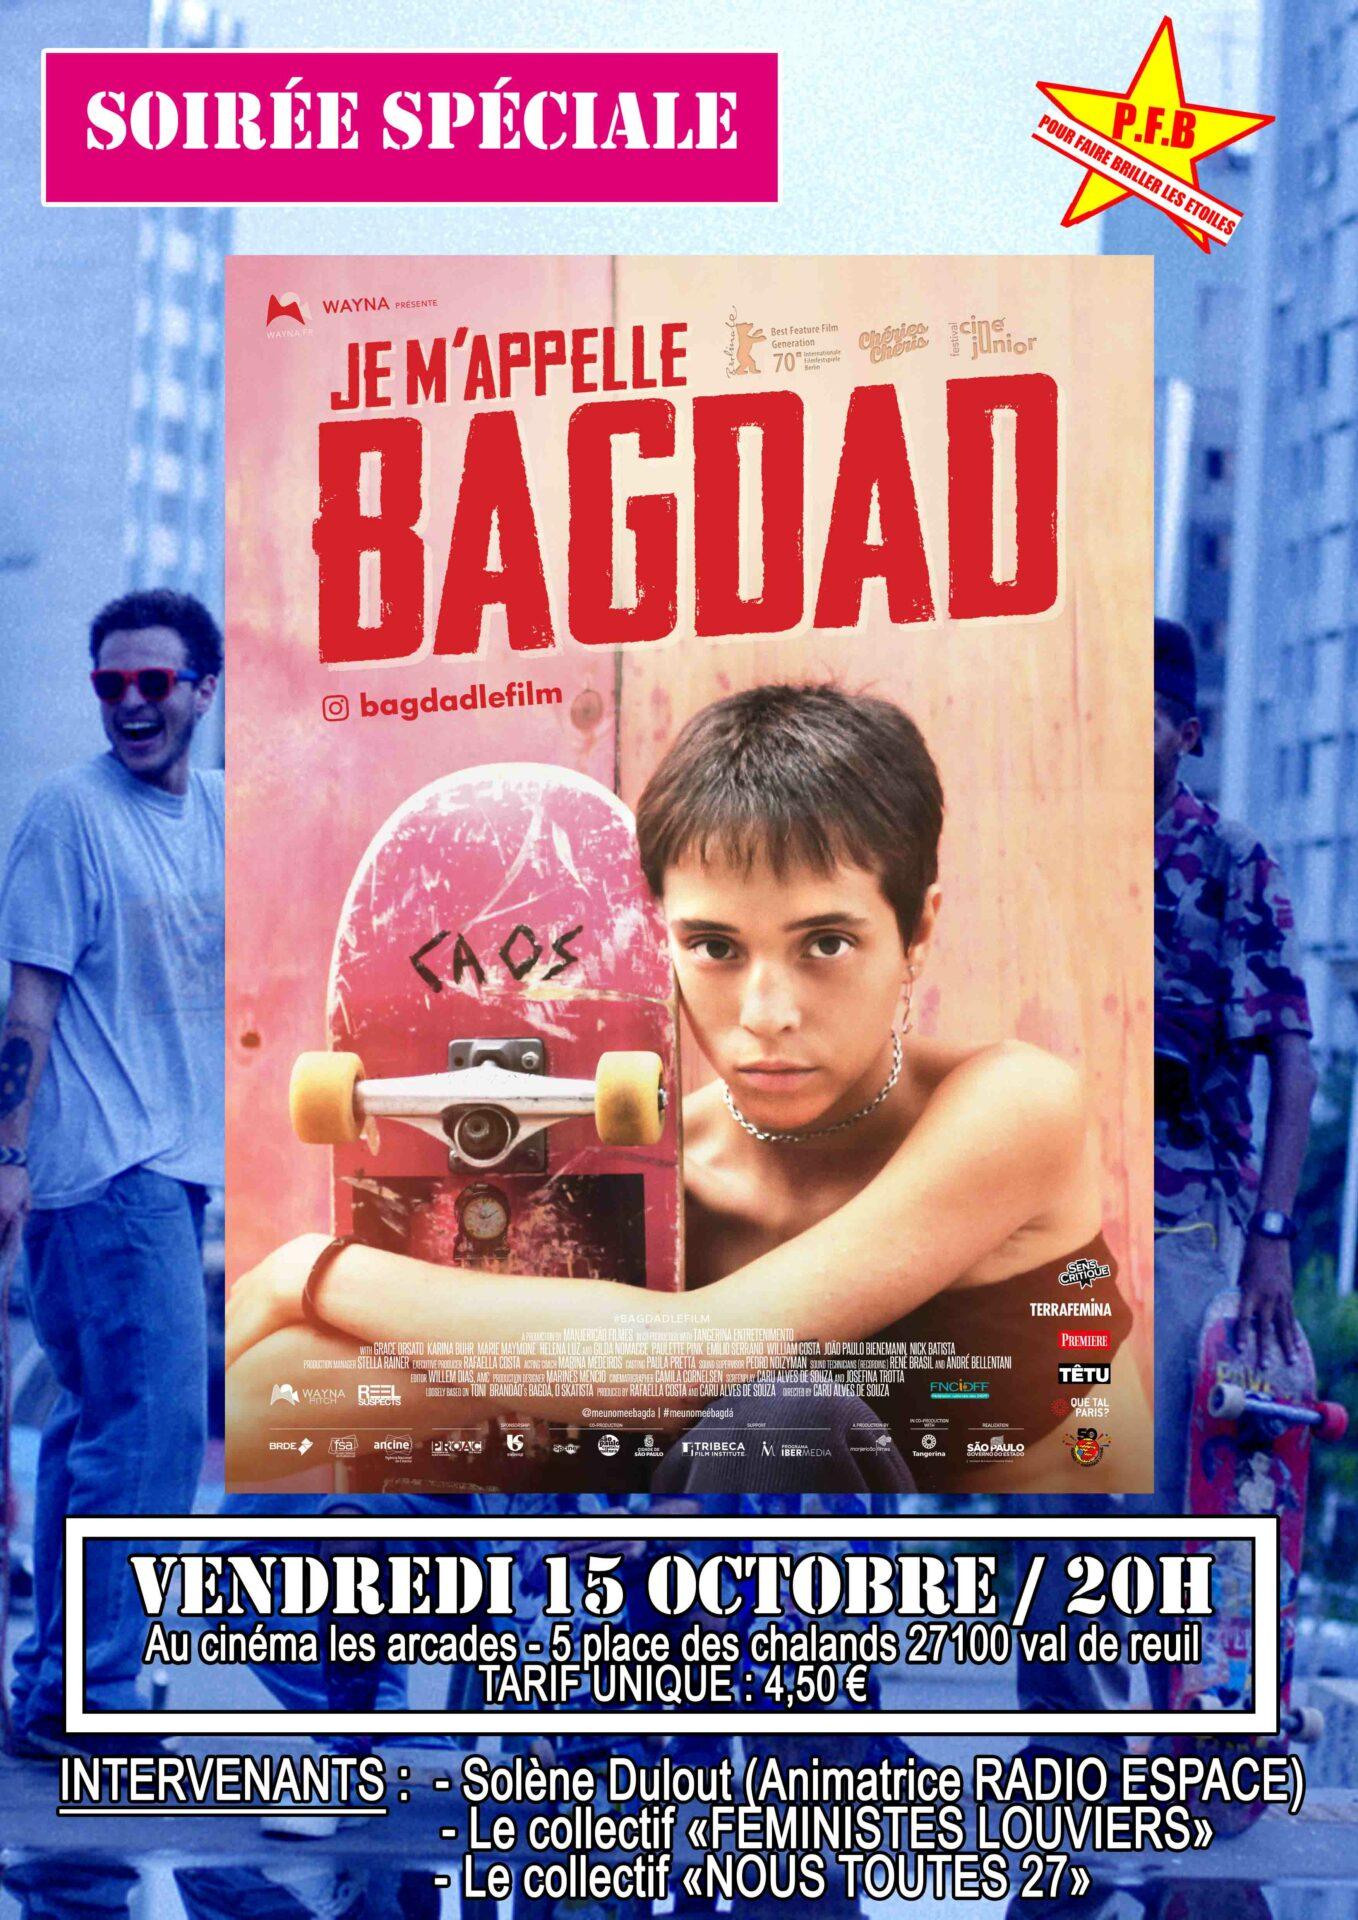 """Cinéma Les Arcades : Soirée spéciale autour du film """"Je m'appelle Bagdad""""de Caru Alves de Souza"""